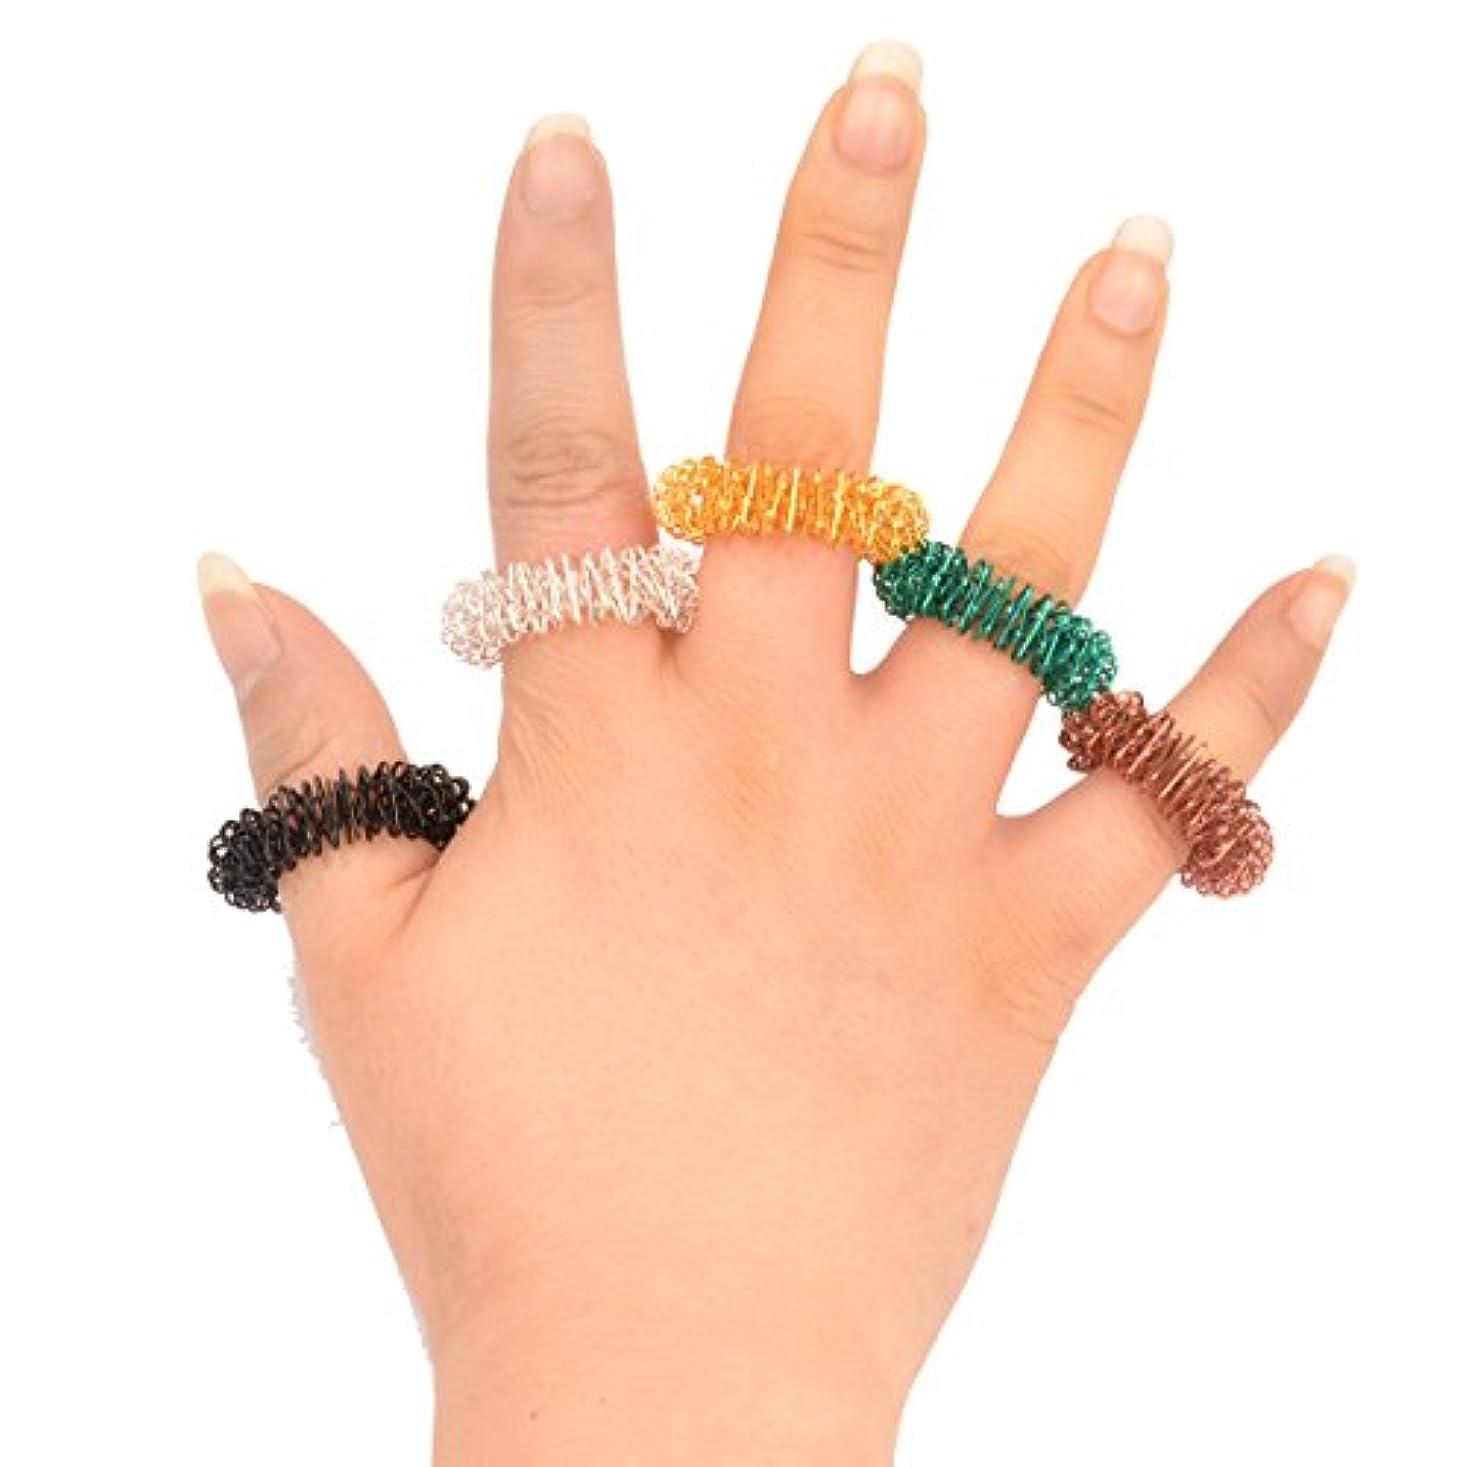 抵抗する植木シリーズ(Ckeyin) マッサージリング 5個入り 爪もみリング 色はランダムによって配送されます (5個)